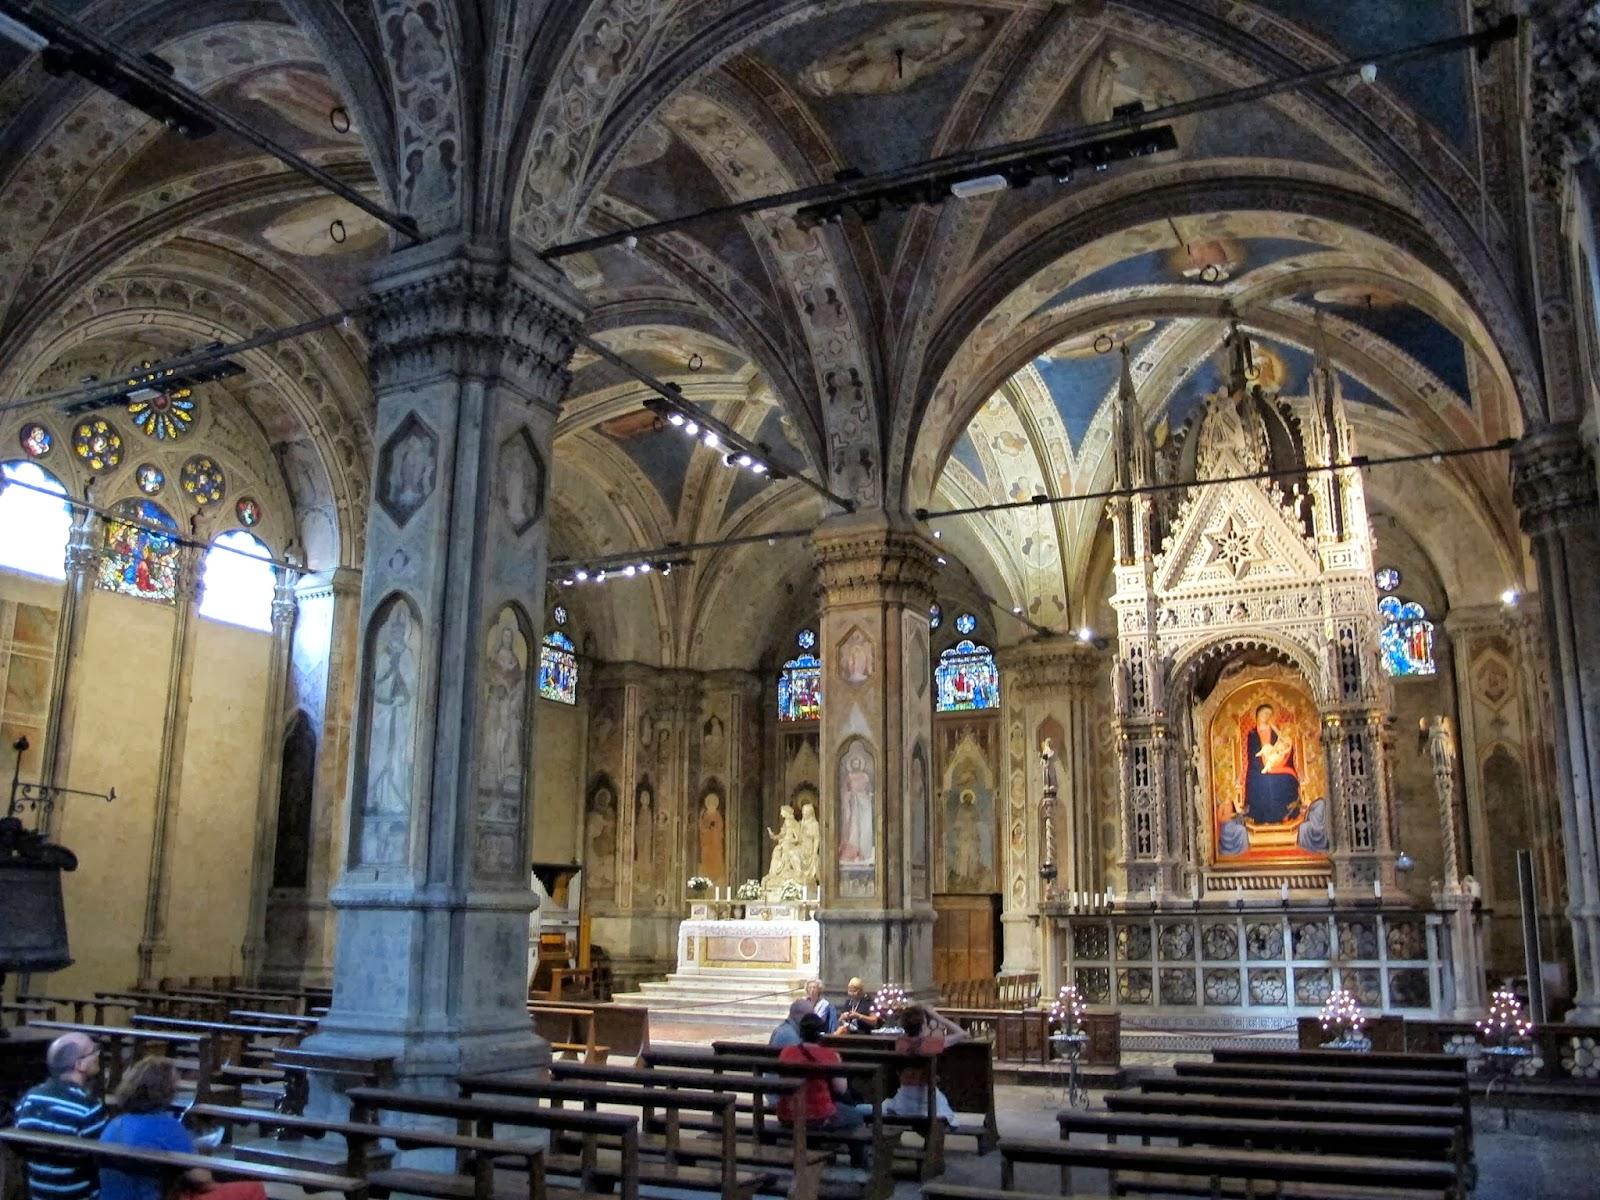 Arte antica e dintorni da granaio a chiesa for Interno chiesa